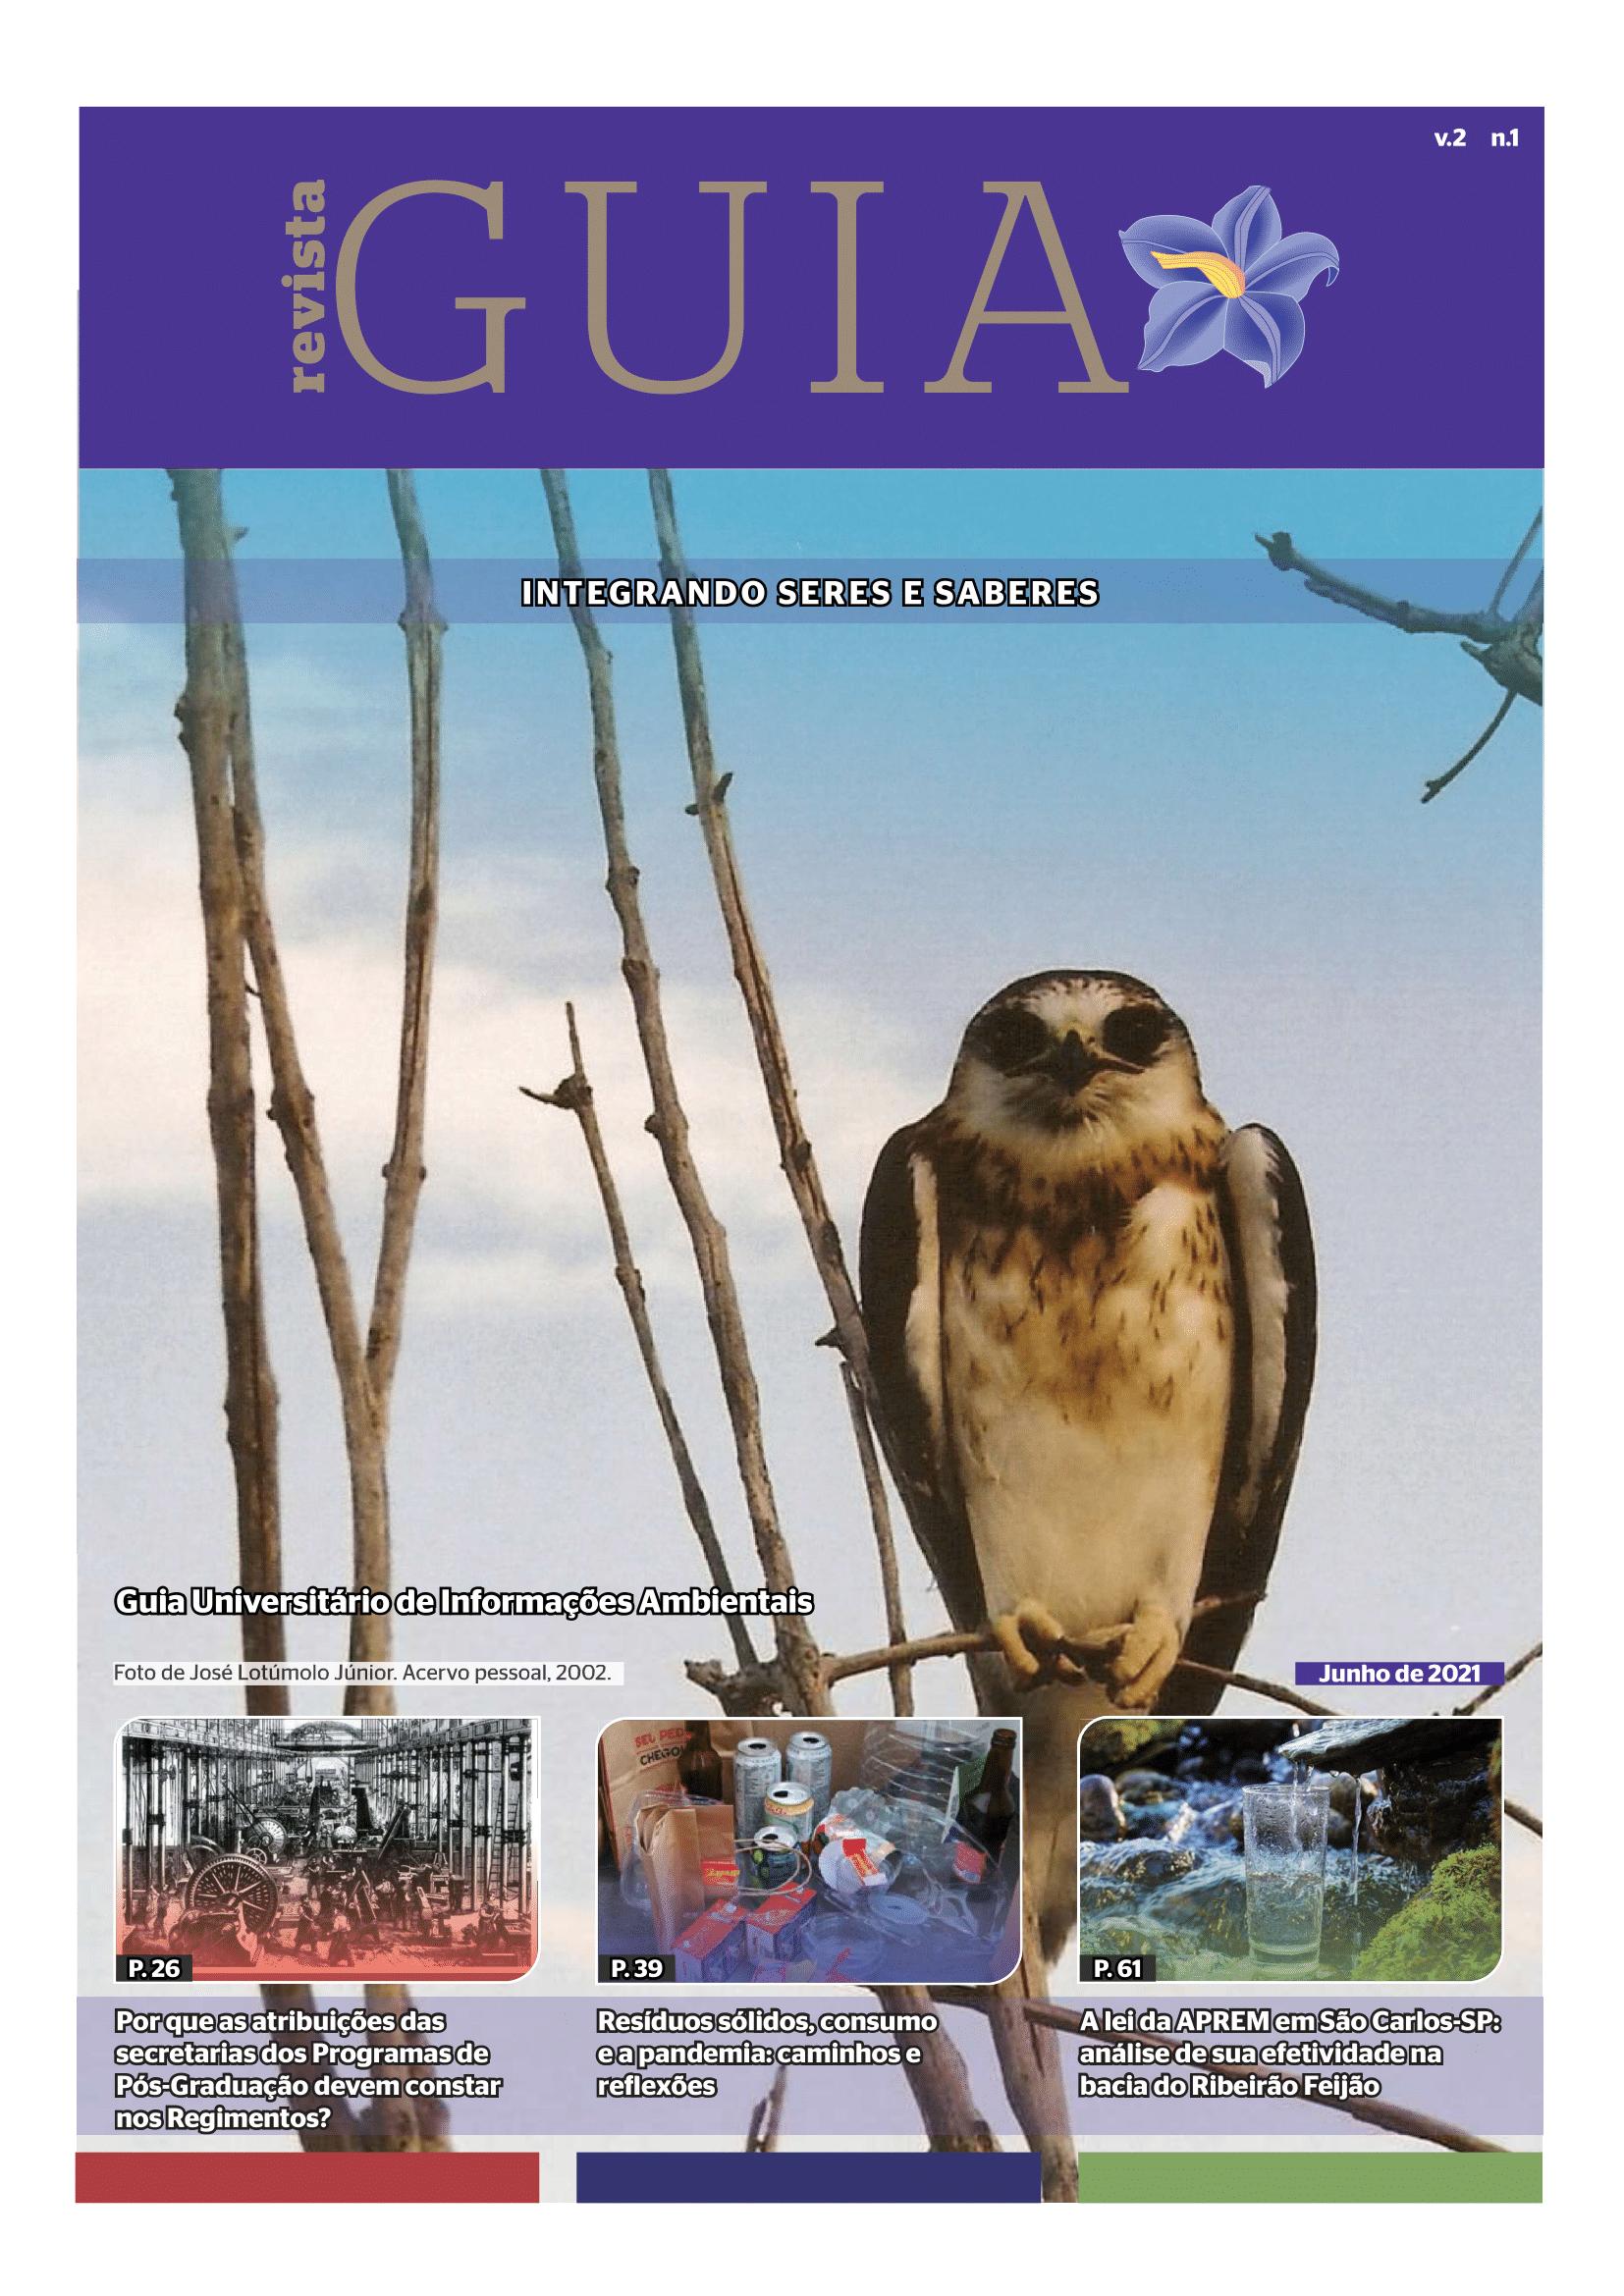 Visualizar v. 2 n. 1 (2021): Revista GUIA - Integrando seres e saberes